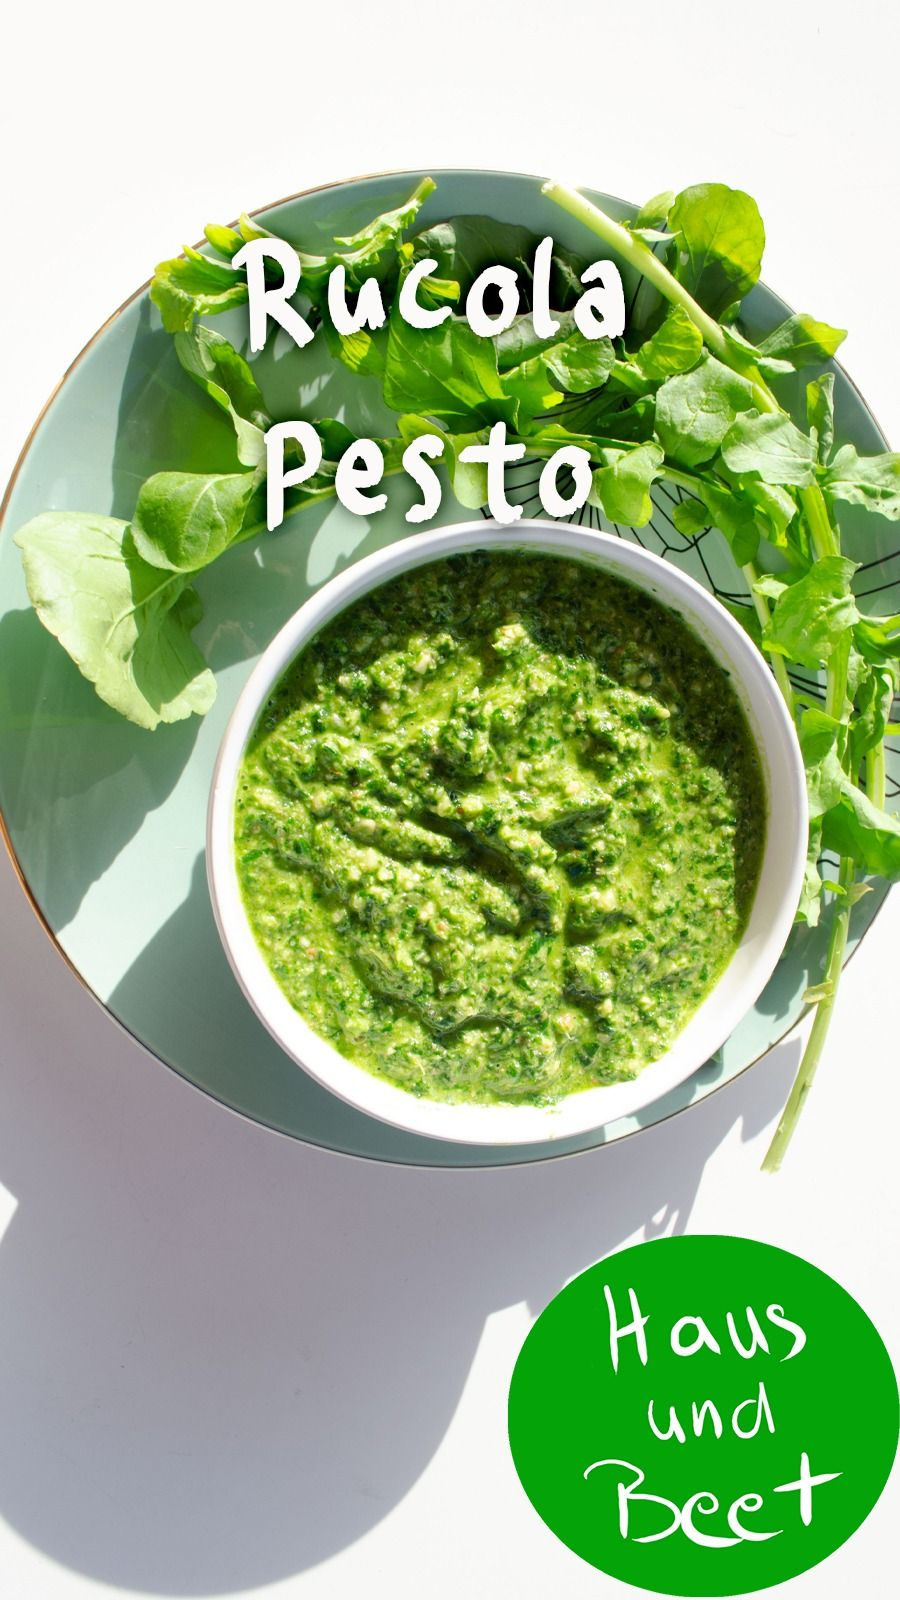 Rucola Pesto  das 2 Minuten Rezept Rucola Pesto  das 2 Minuten Rezept Veganes und schnelles Rezept mit Walnüssen gemixt im Thermomix ohne Parmesan Alternativ statt W...